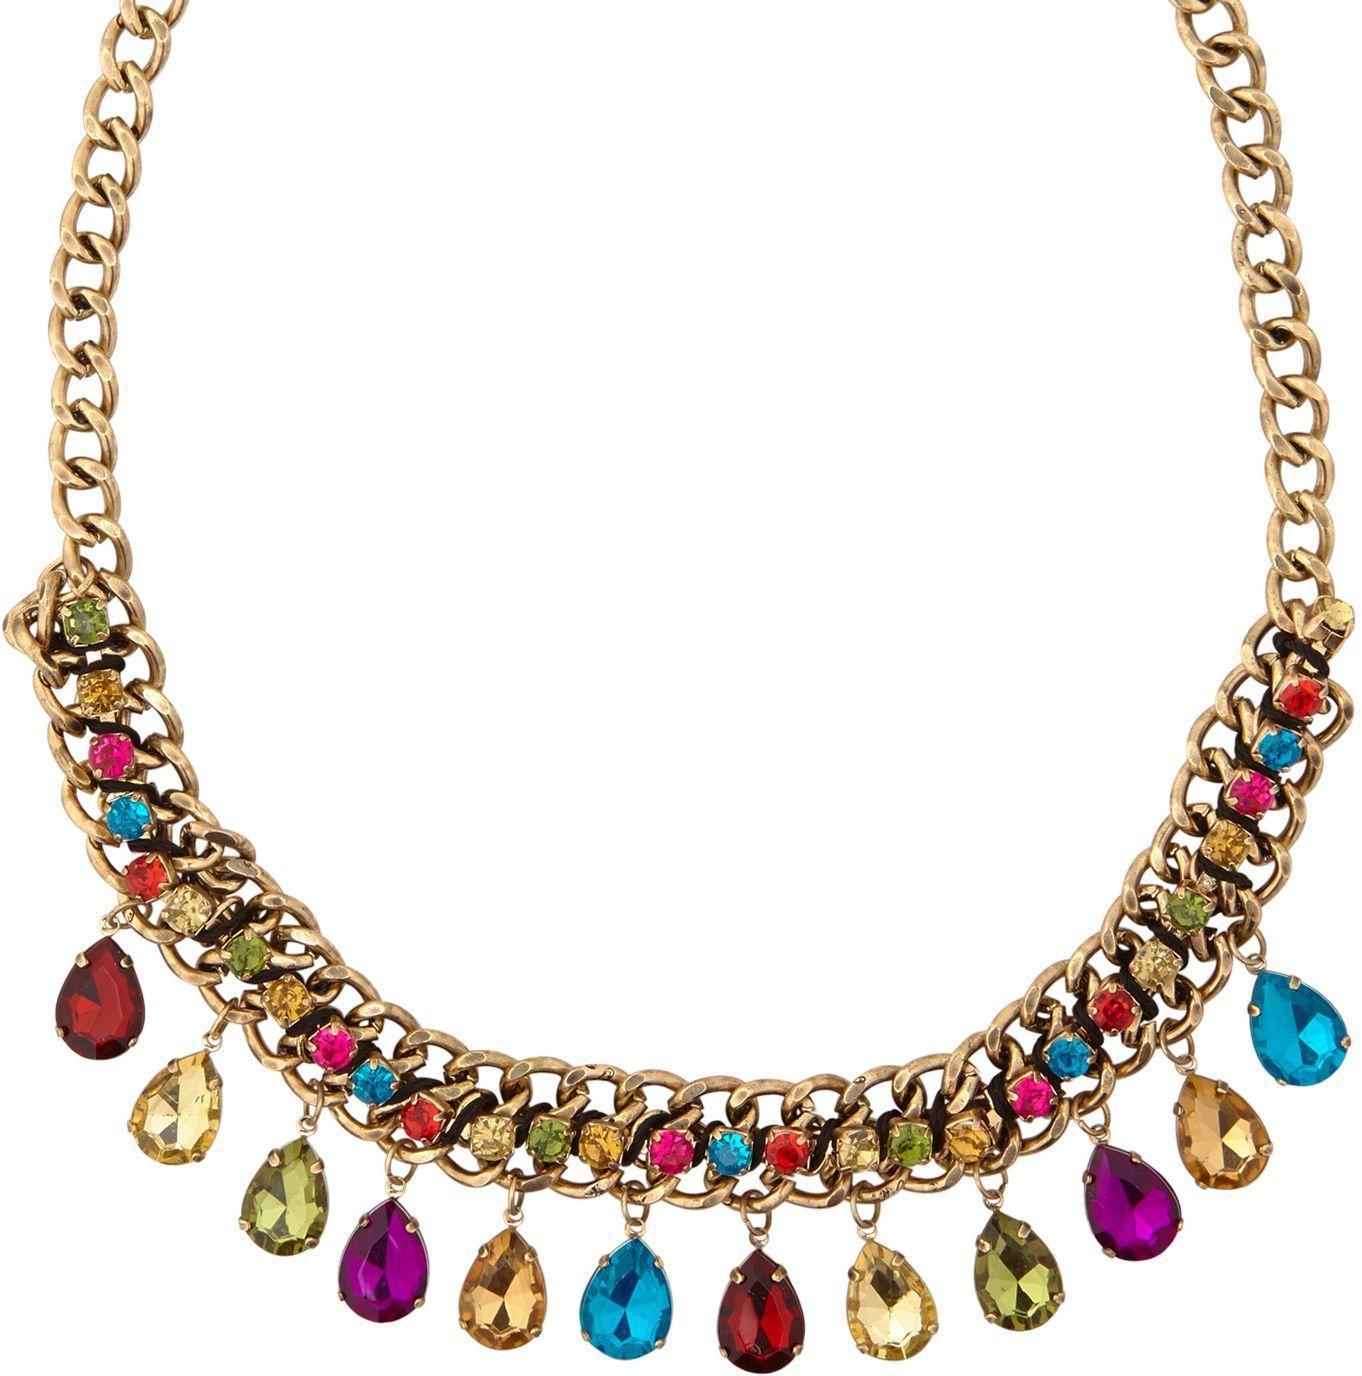 Gouden ketting met gekleurde juwelen